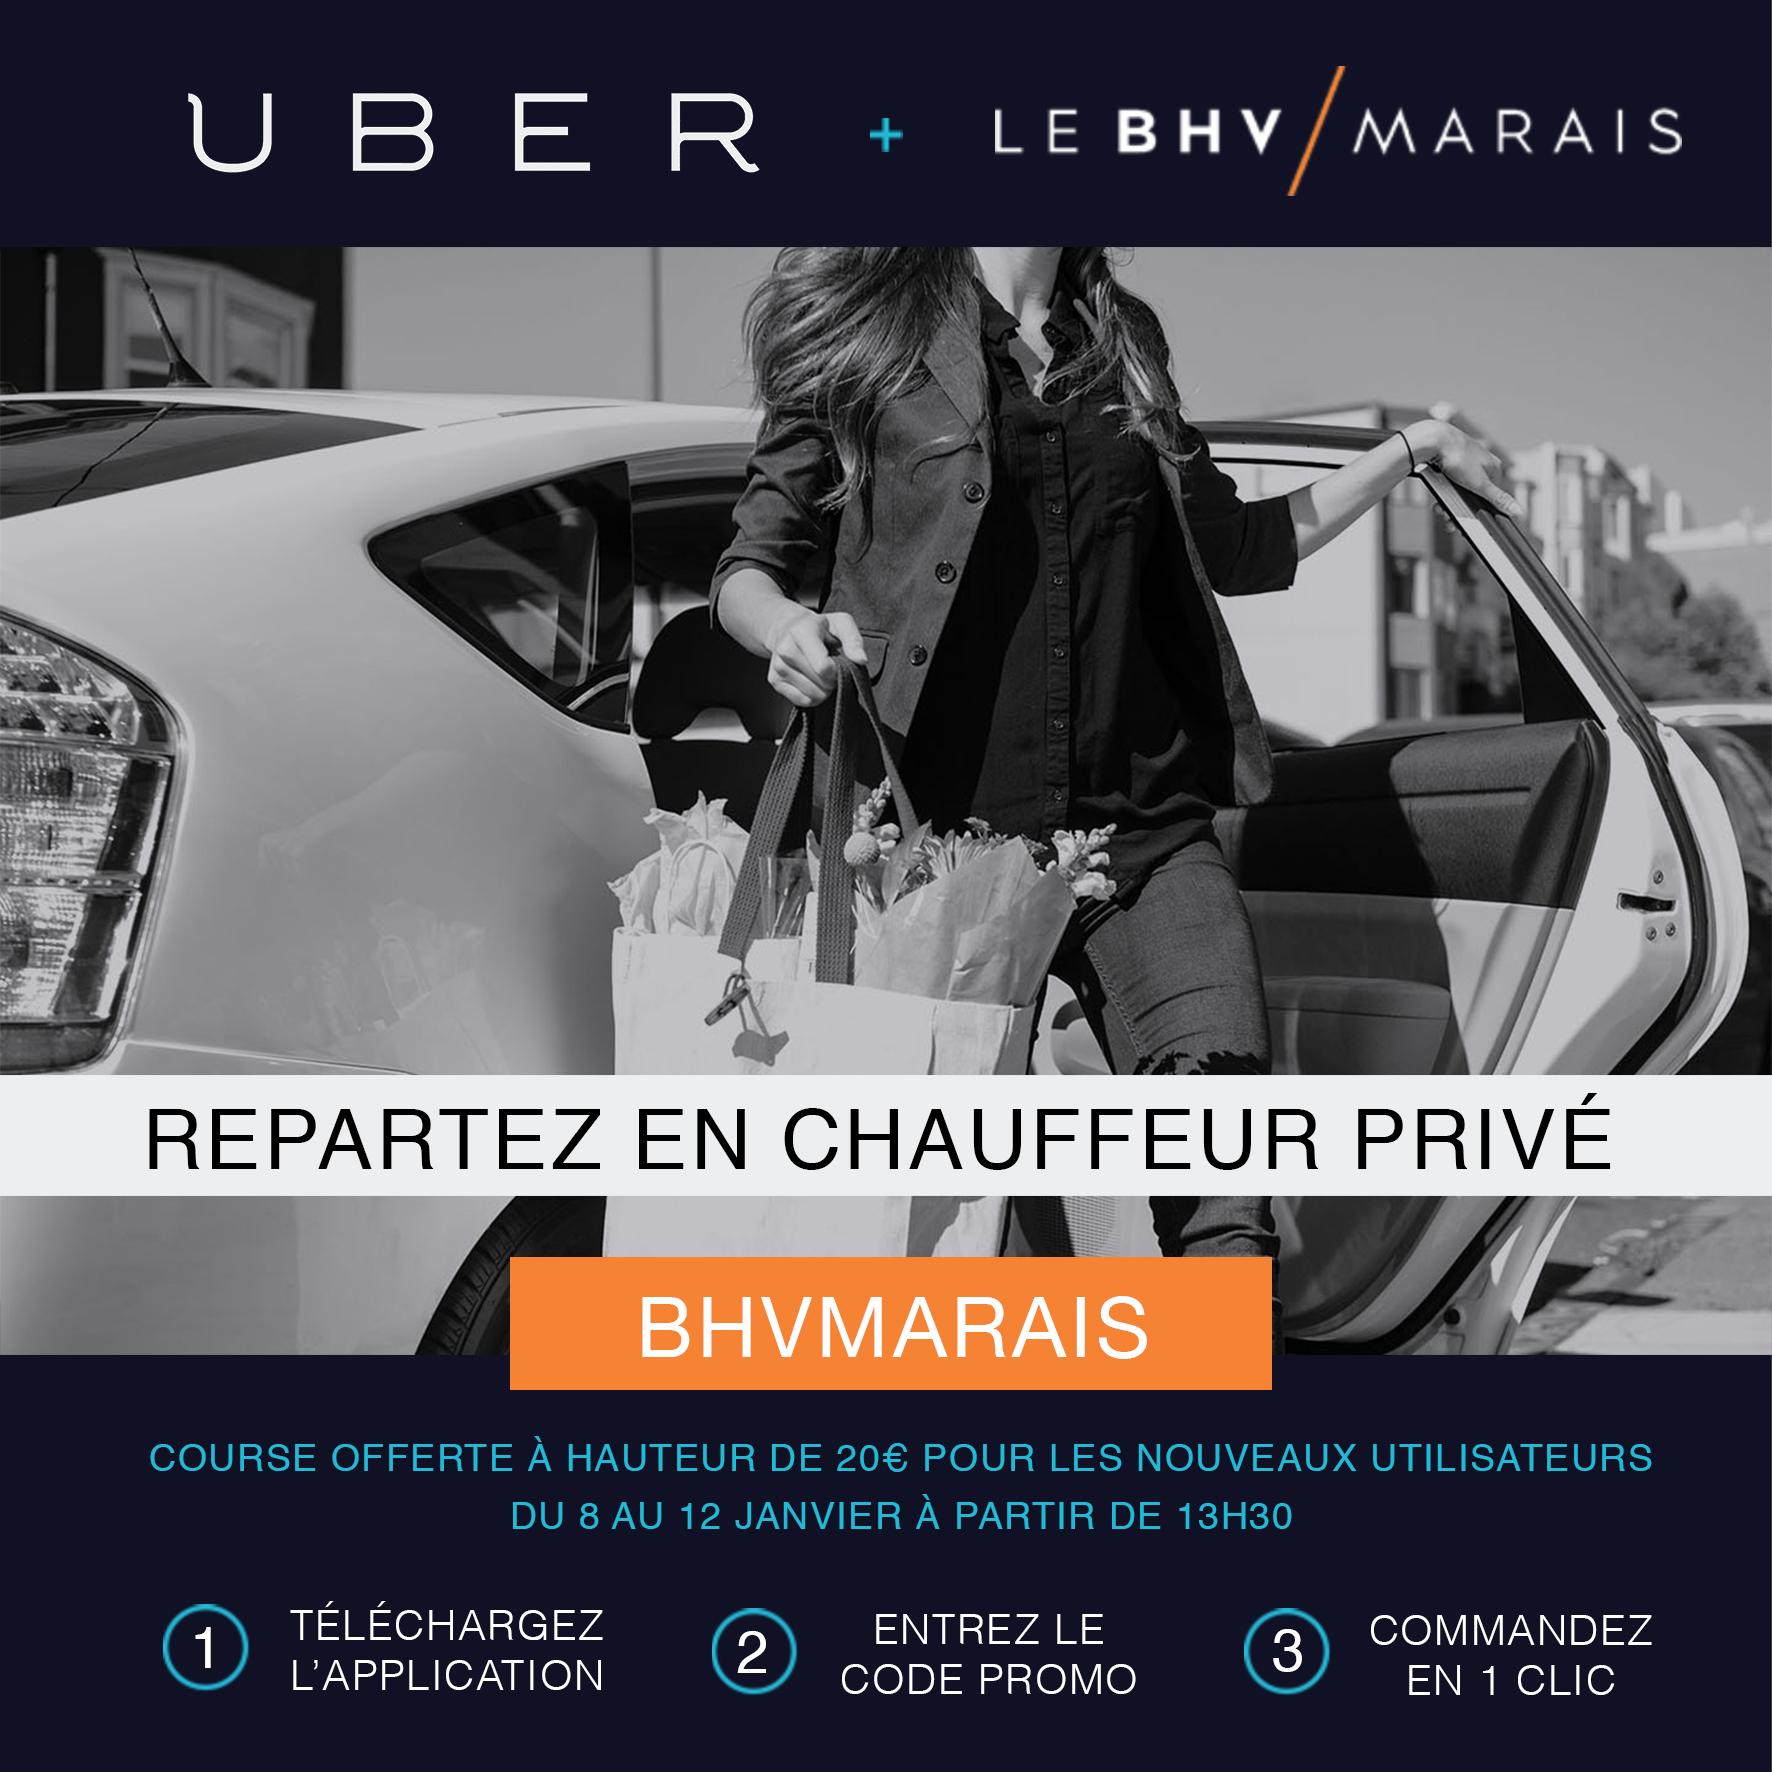 Course offerte avec Uber chauffeur privé à hauteur de 20€ après un achat